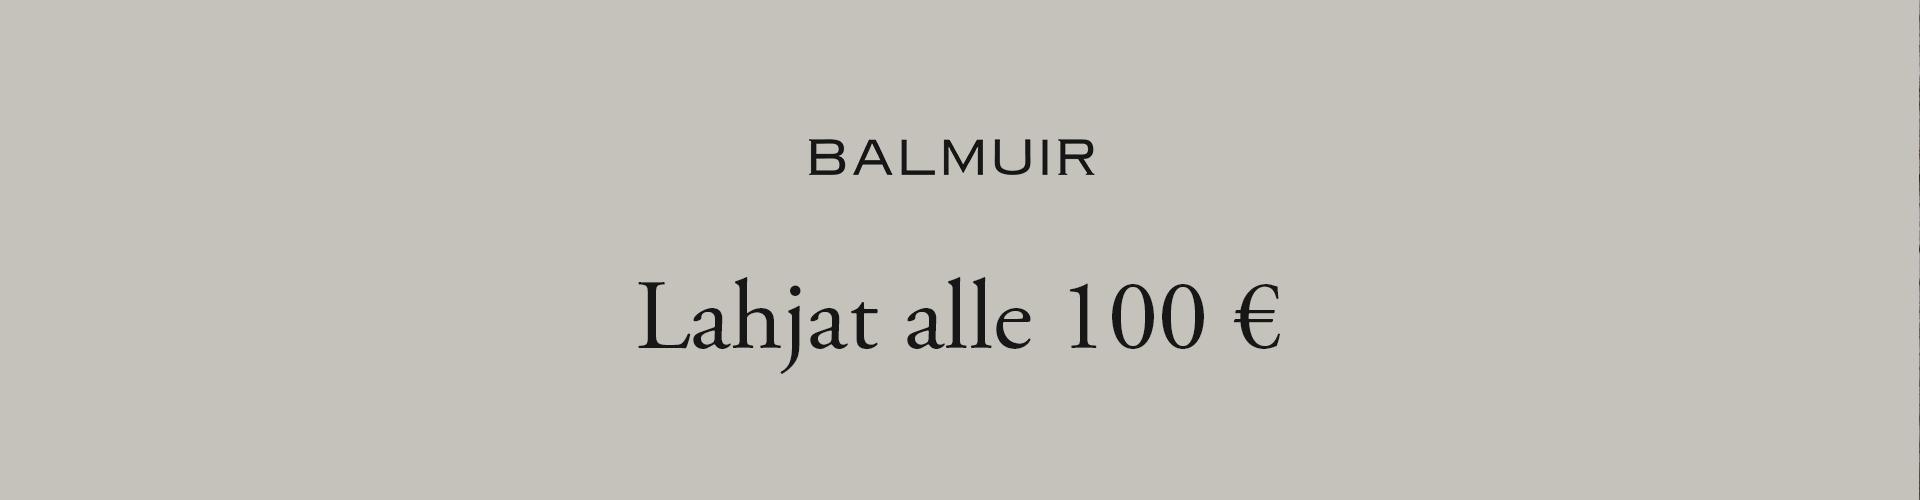 Lahjat alle 100 €